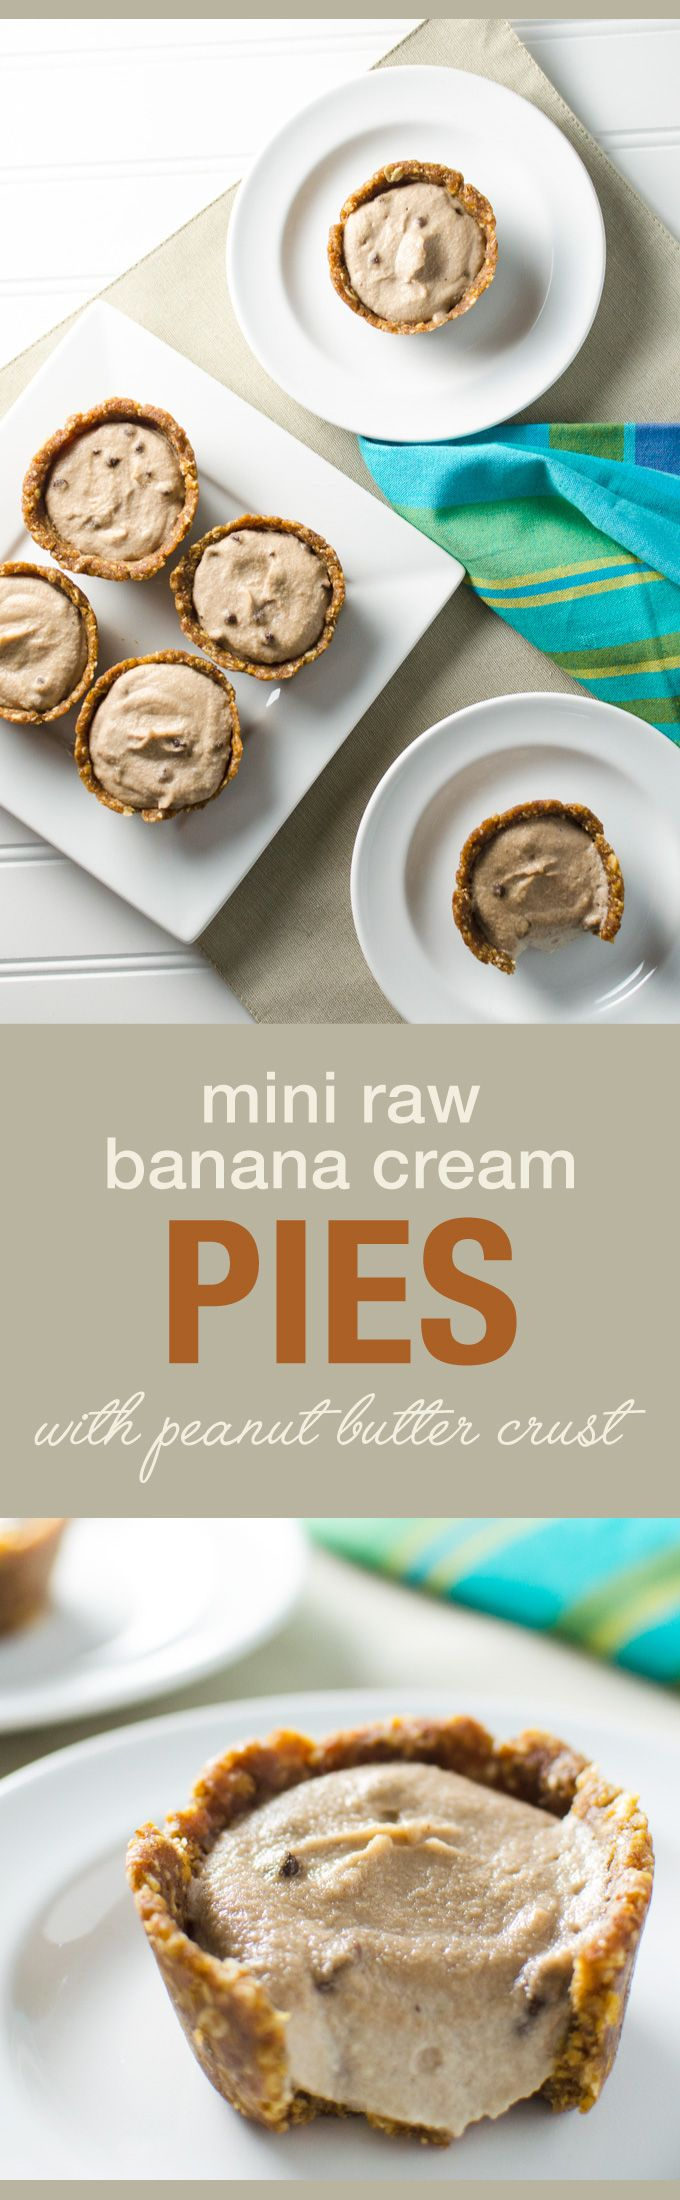 Banana Cream Pie, Gluten-Free And Dairy Free Recipe — Dishmaps